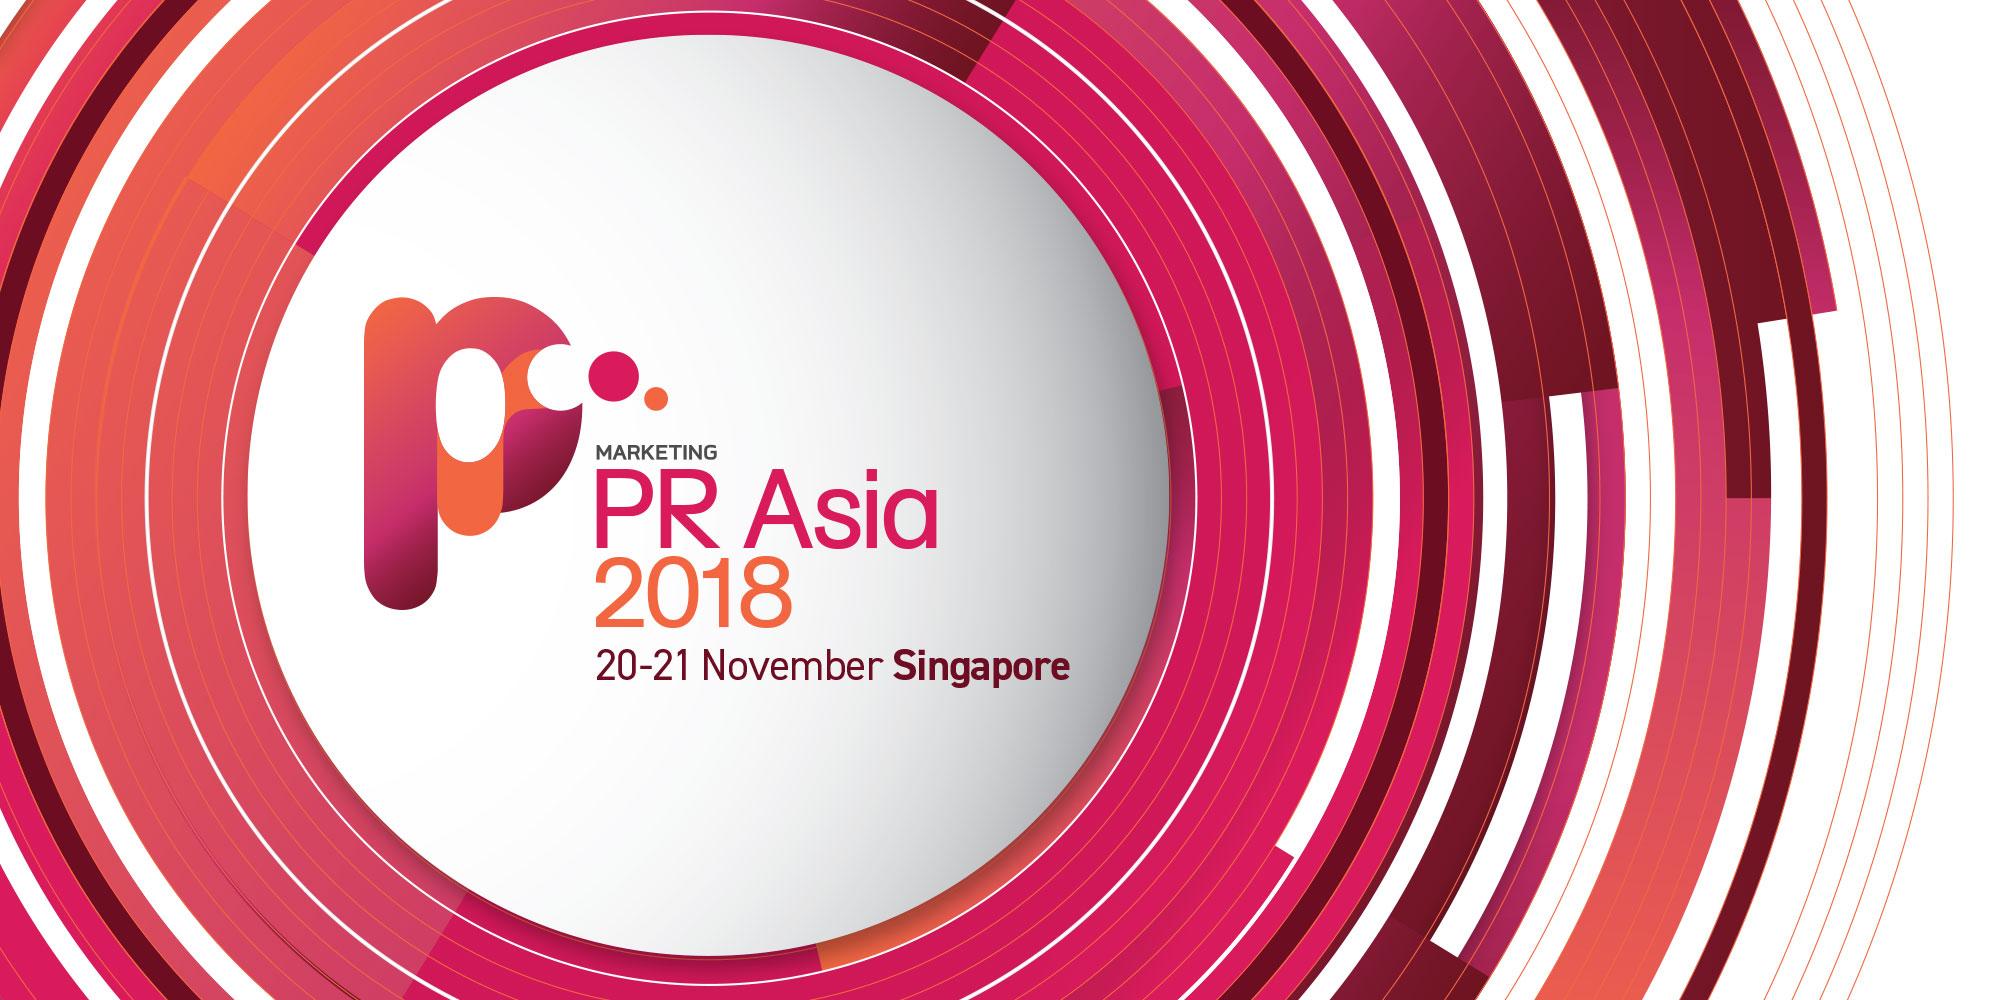 PR Asia 2018